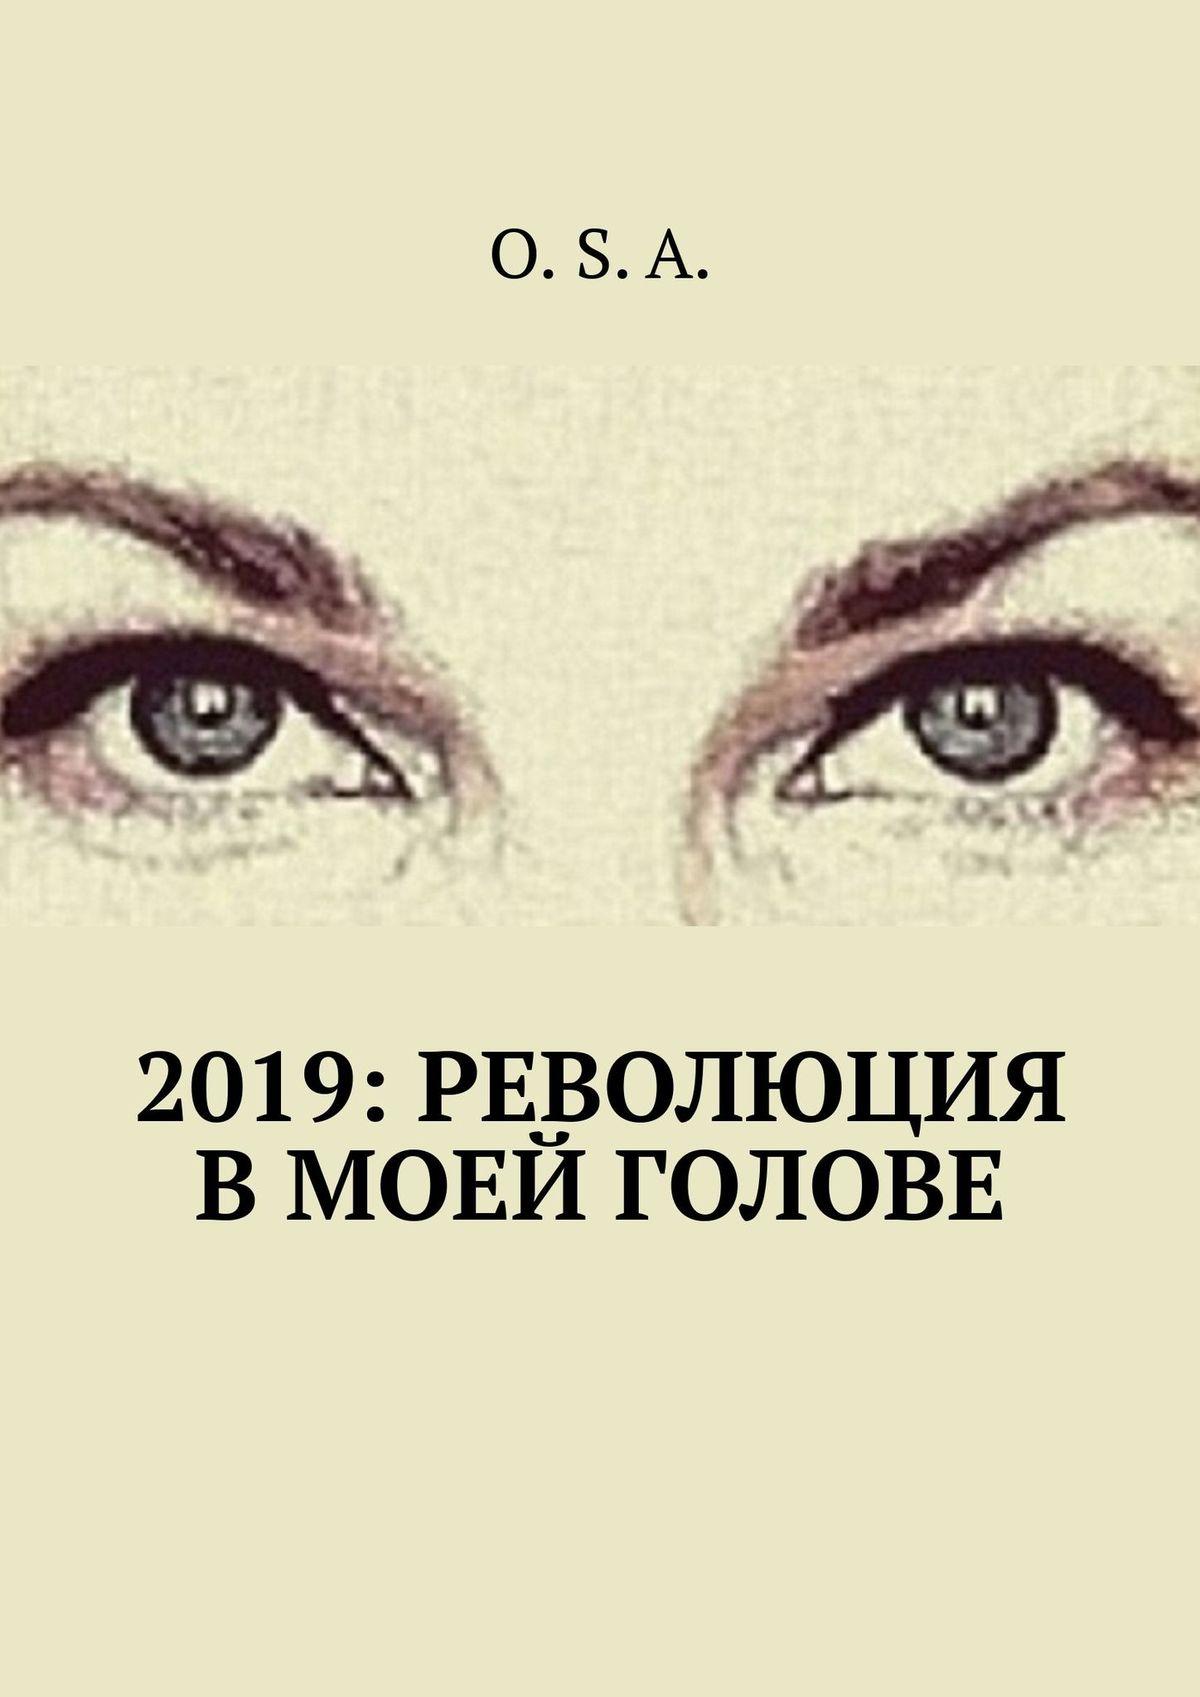 2019: Революция вмоей голове